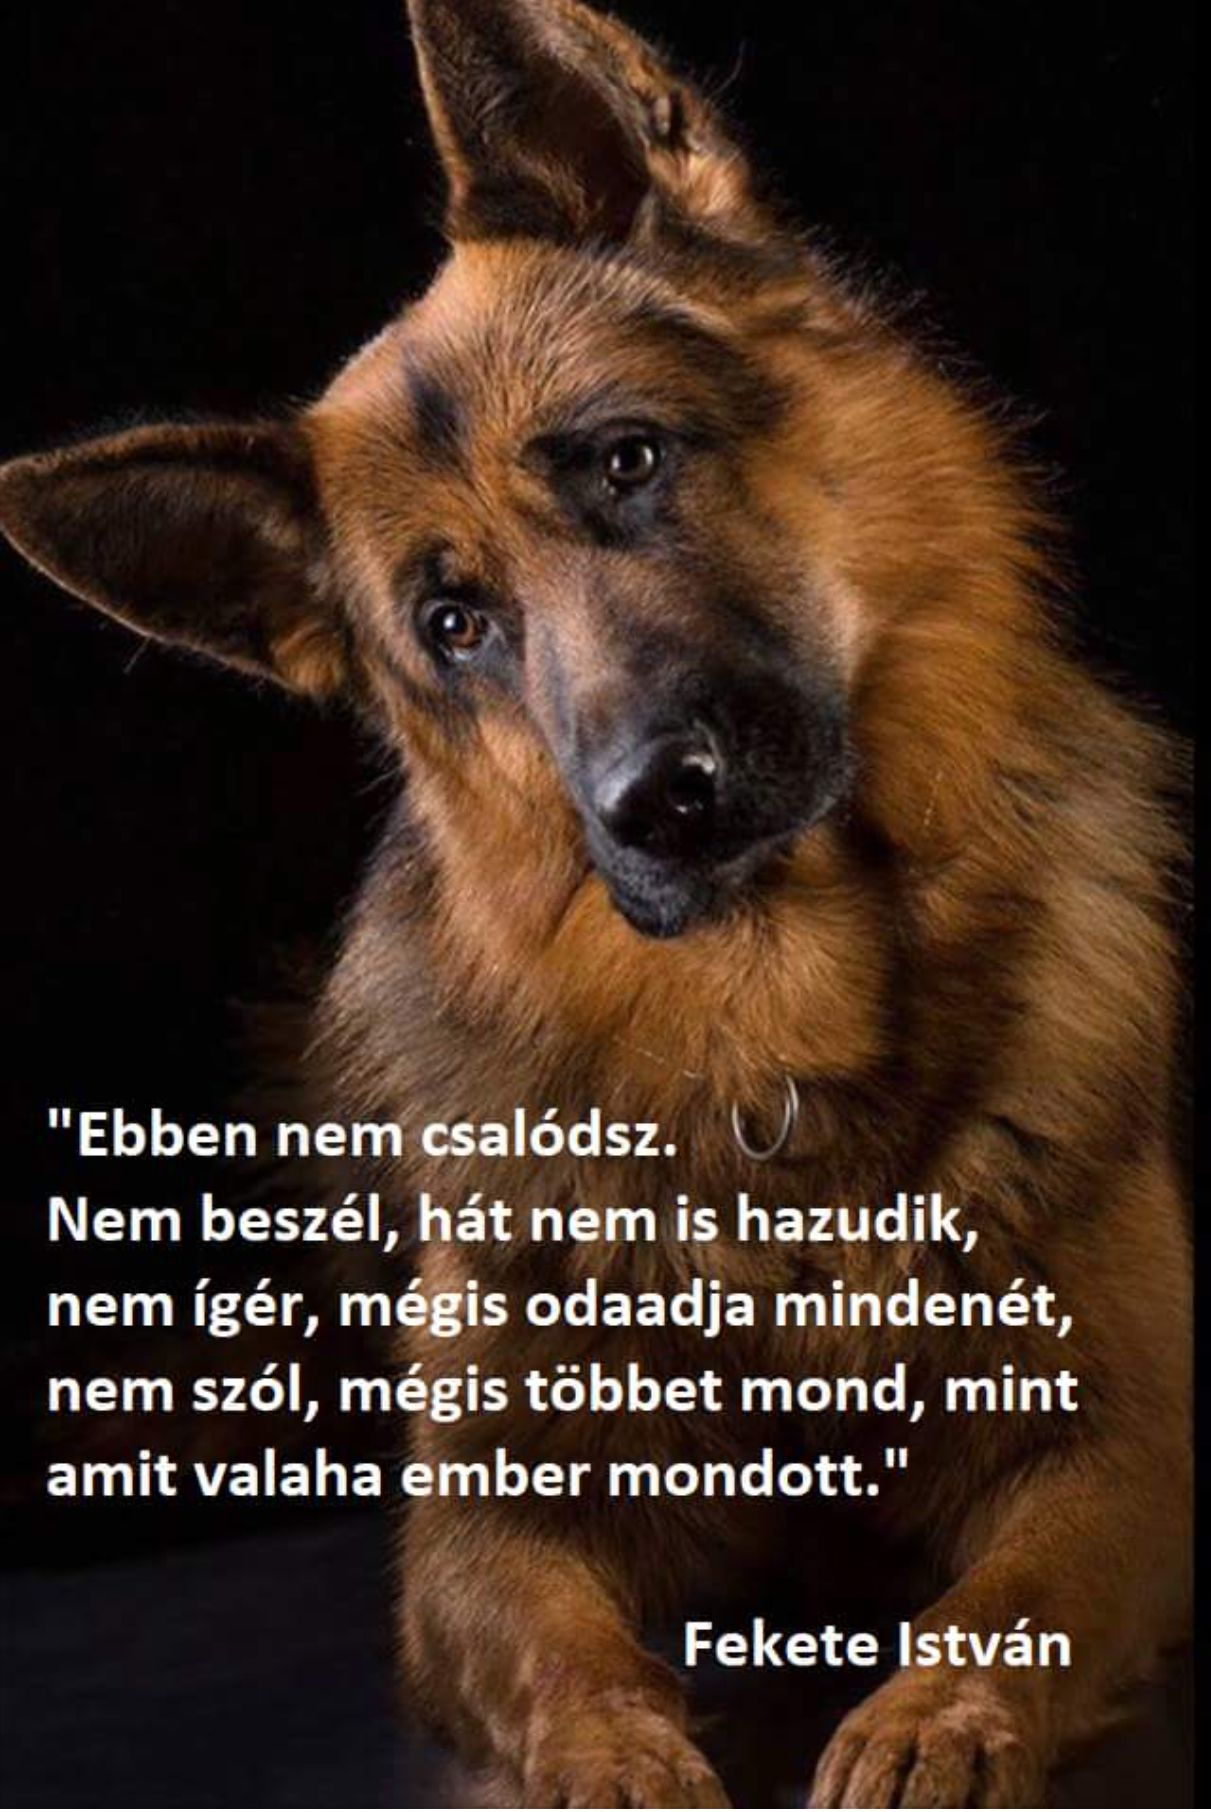 kutya ember barátság idézetek Pin by Erika Molnárné on Amit megálmodtál Magadnak! | Dog quotes